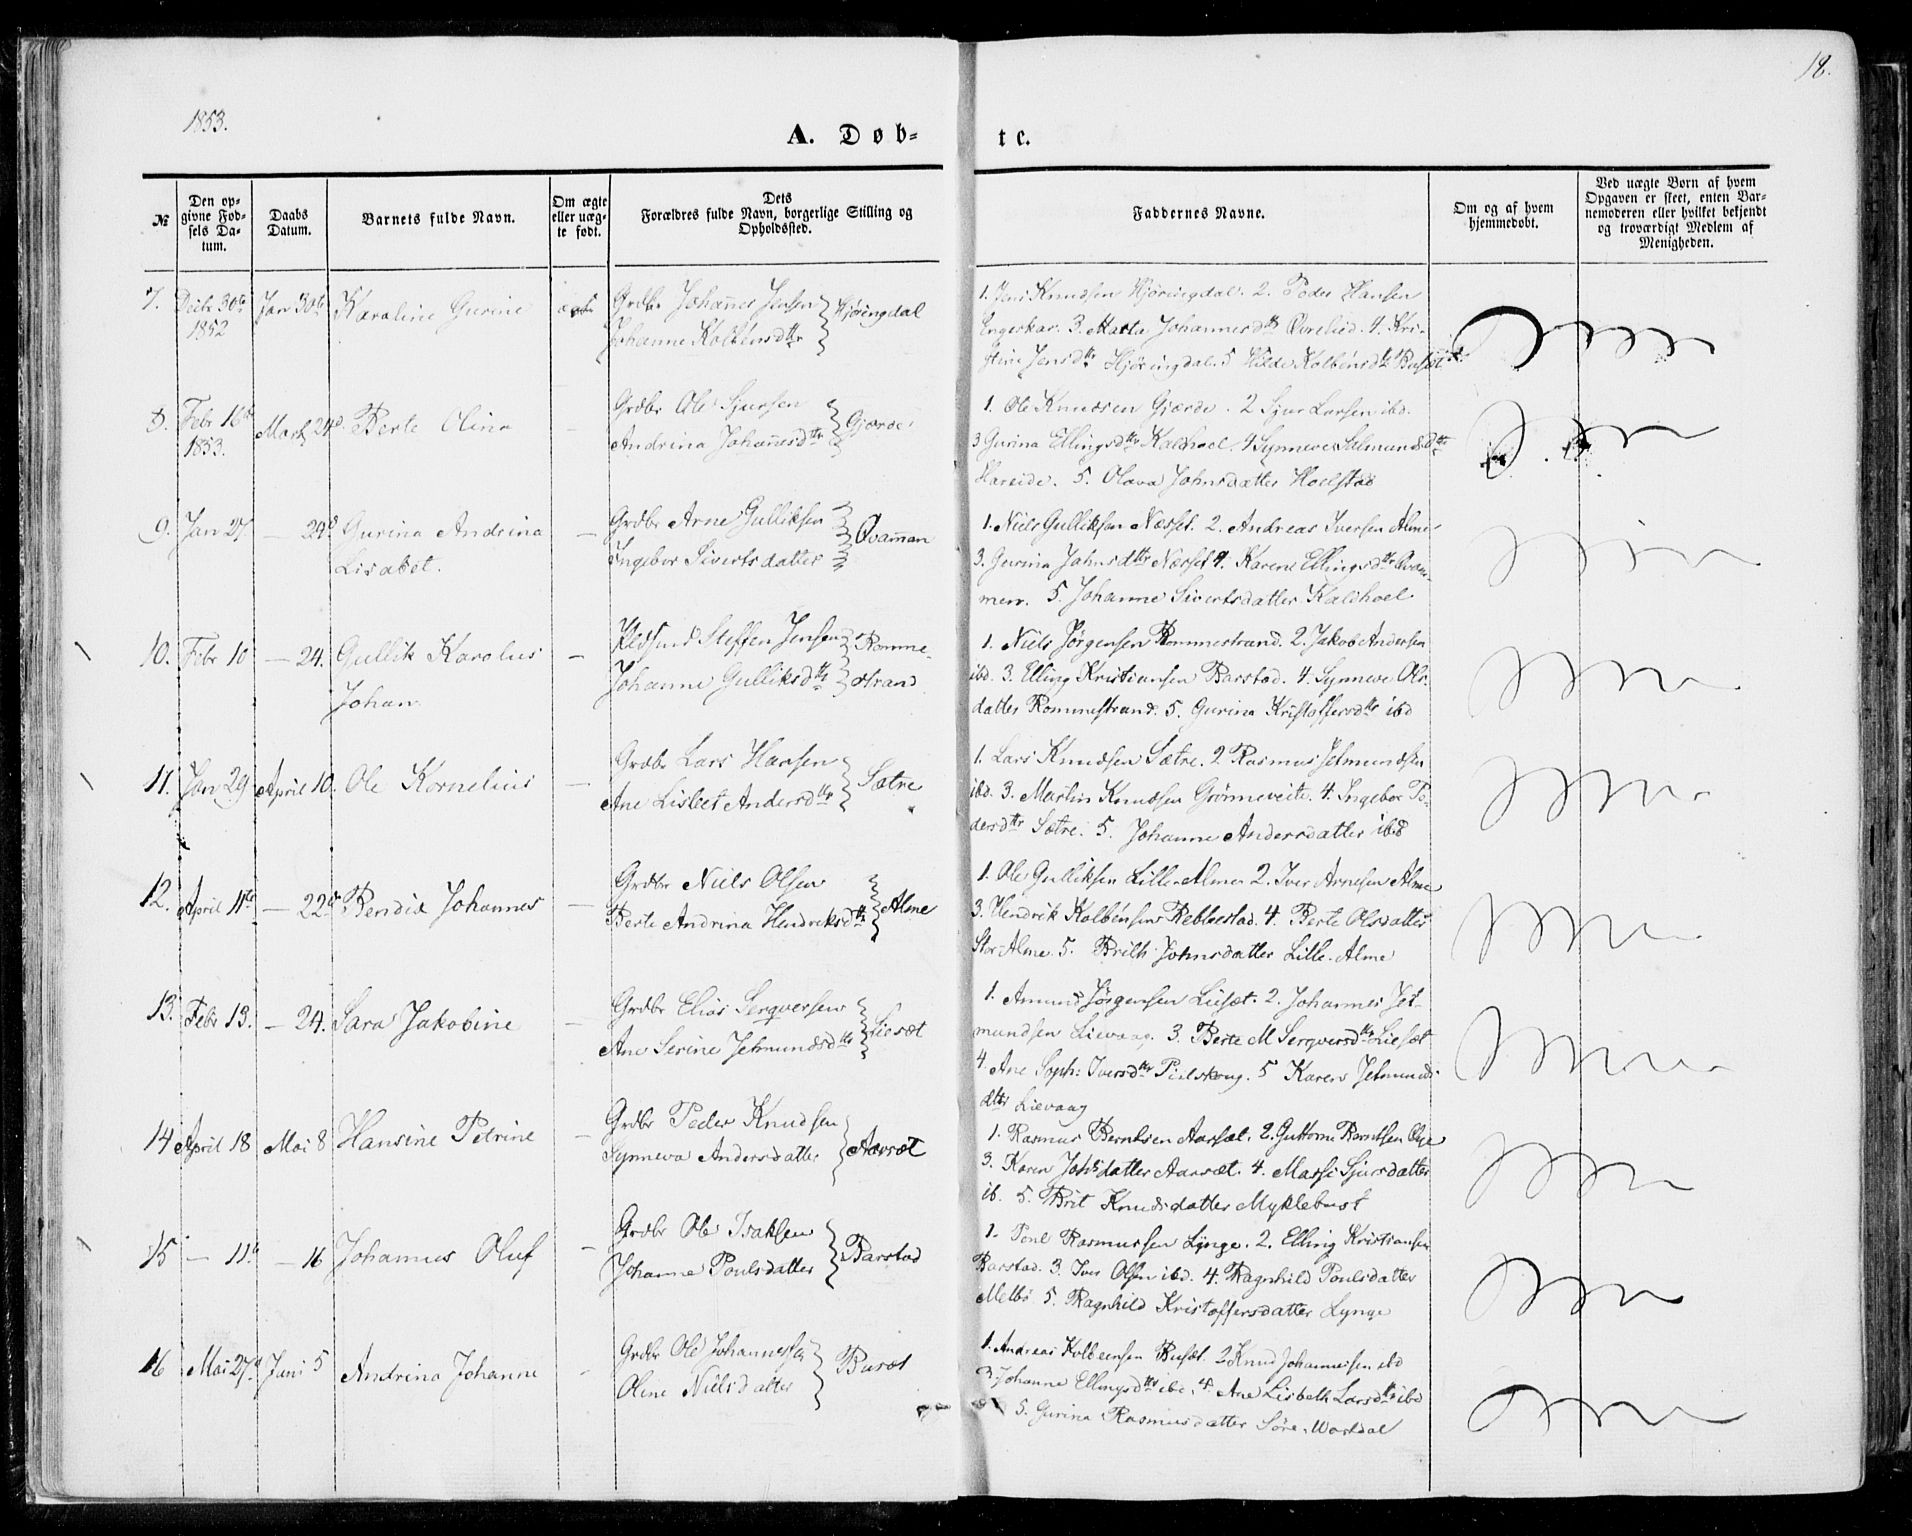 SAT, Ministerialprotokoller, klokkerbøker og fødselsregistre - Møre og Romsdal, 510/L0121: Ministerialbok nr. 510A01, 1848-1877, s. 18